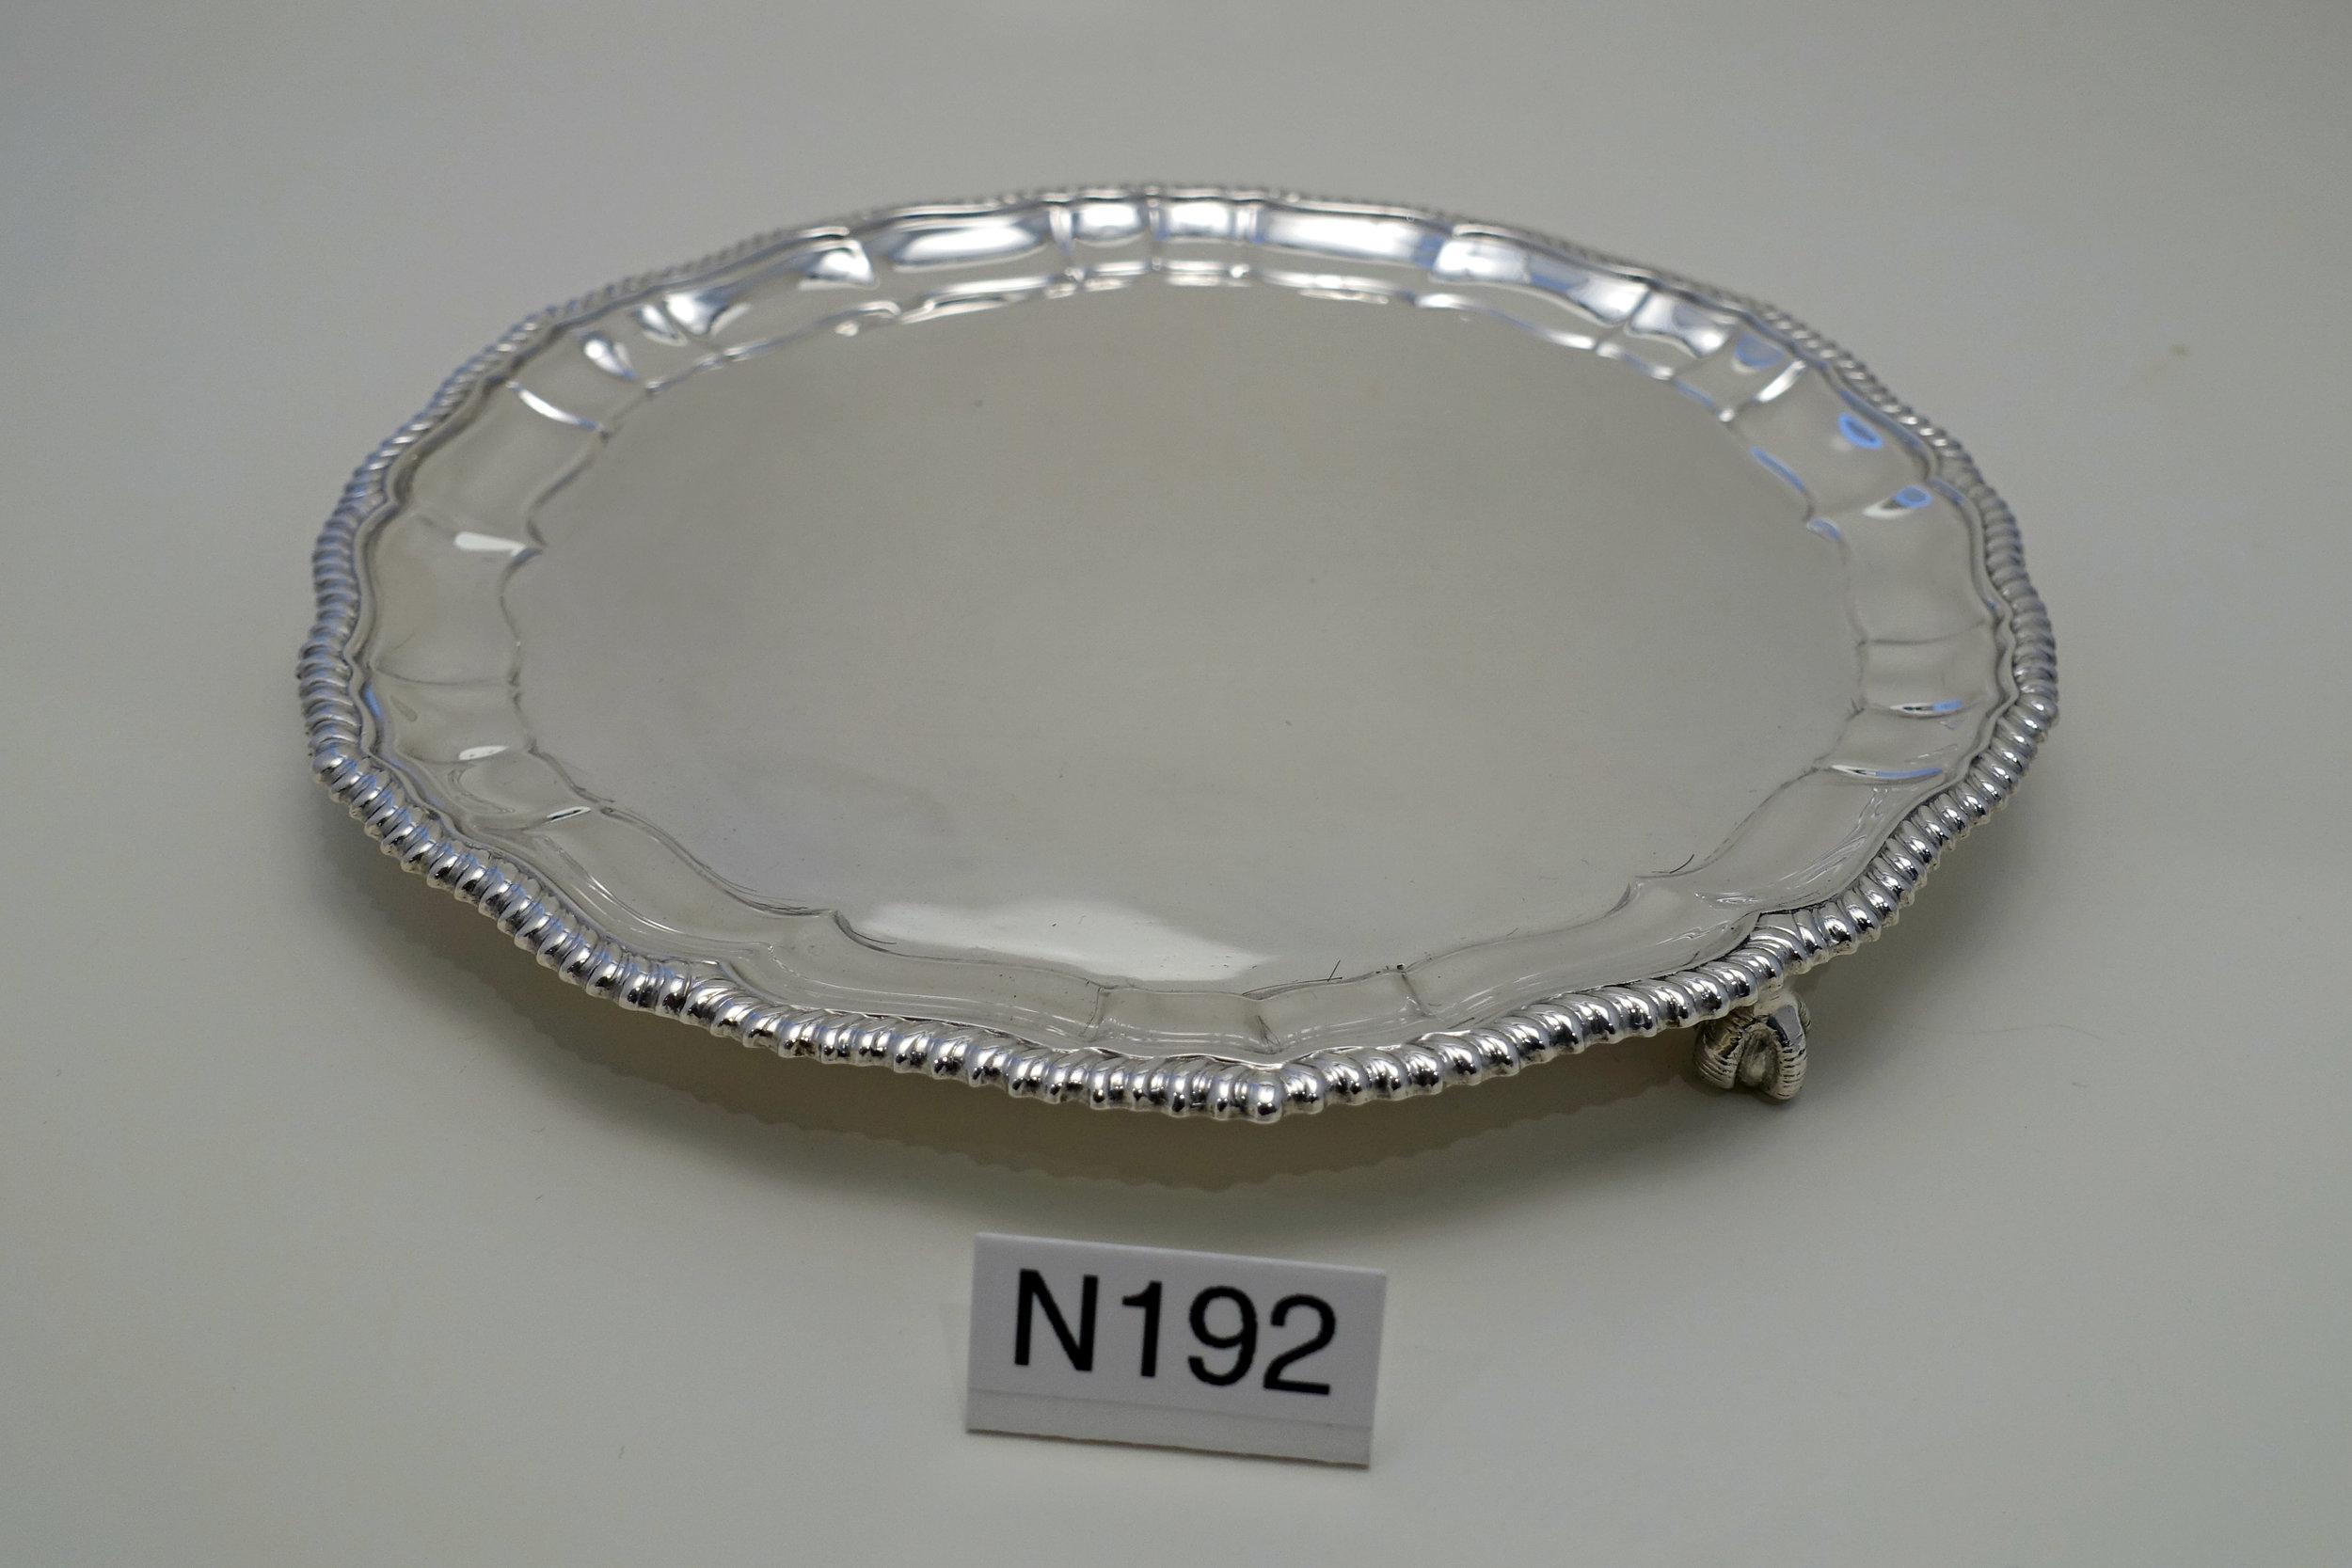 N192.jpg